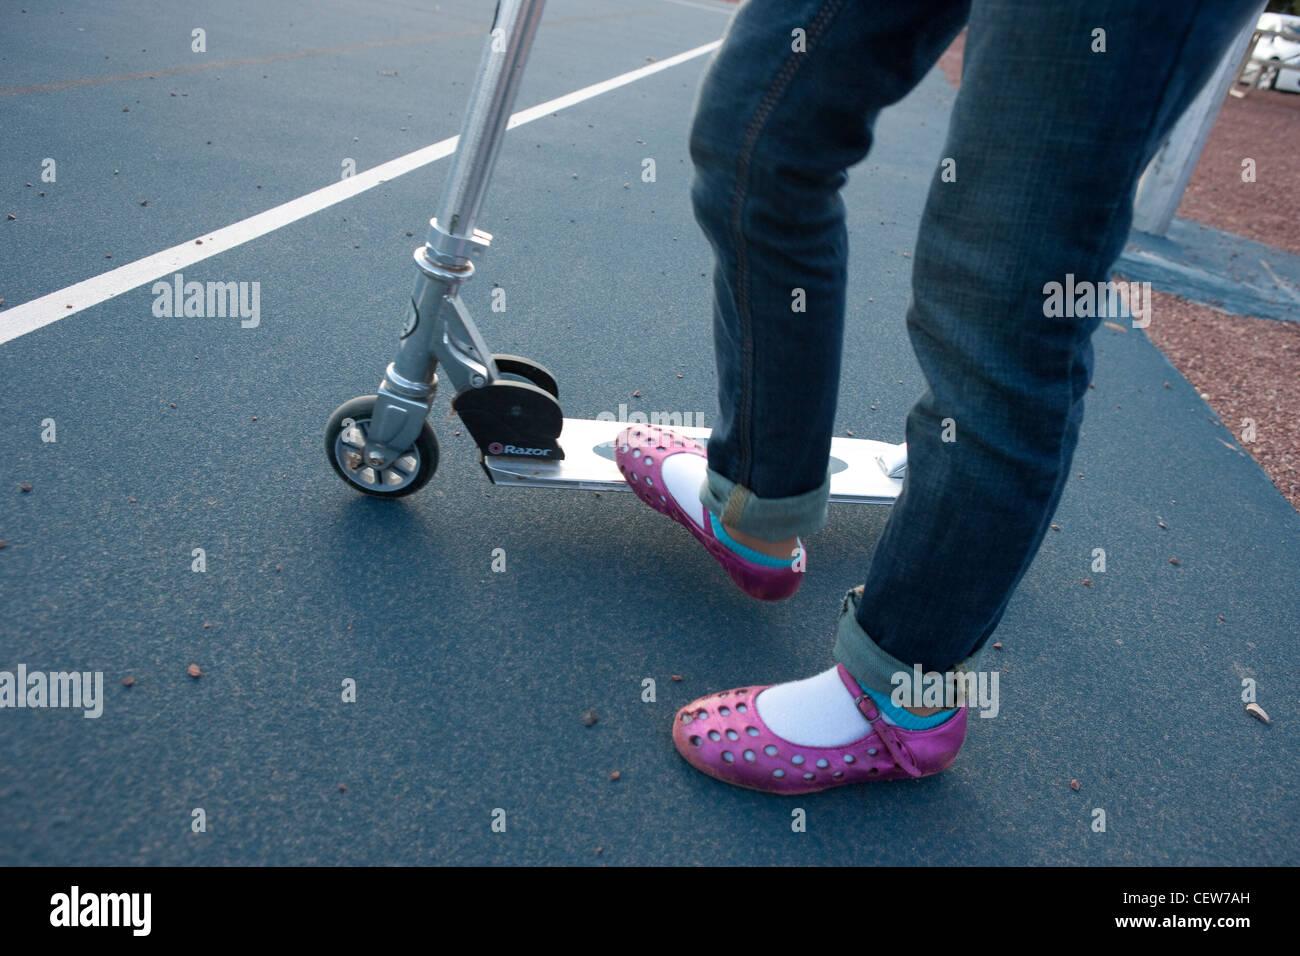 Ragazza che indossa sandali rosa a cavallo di un scooter Immagini Stock